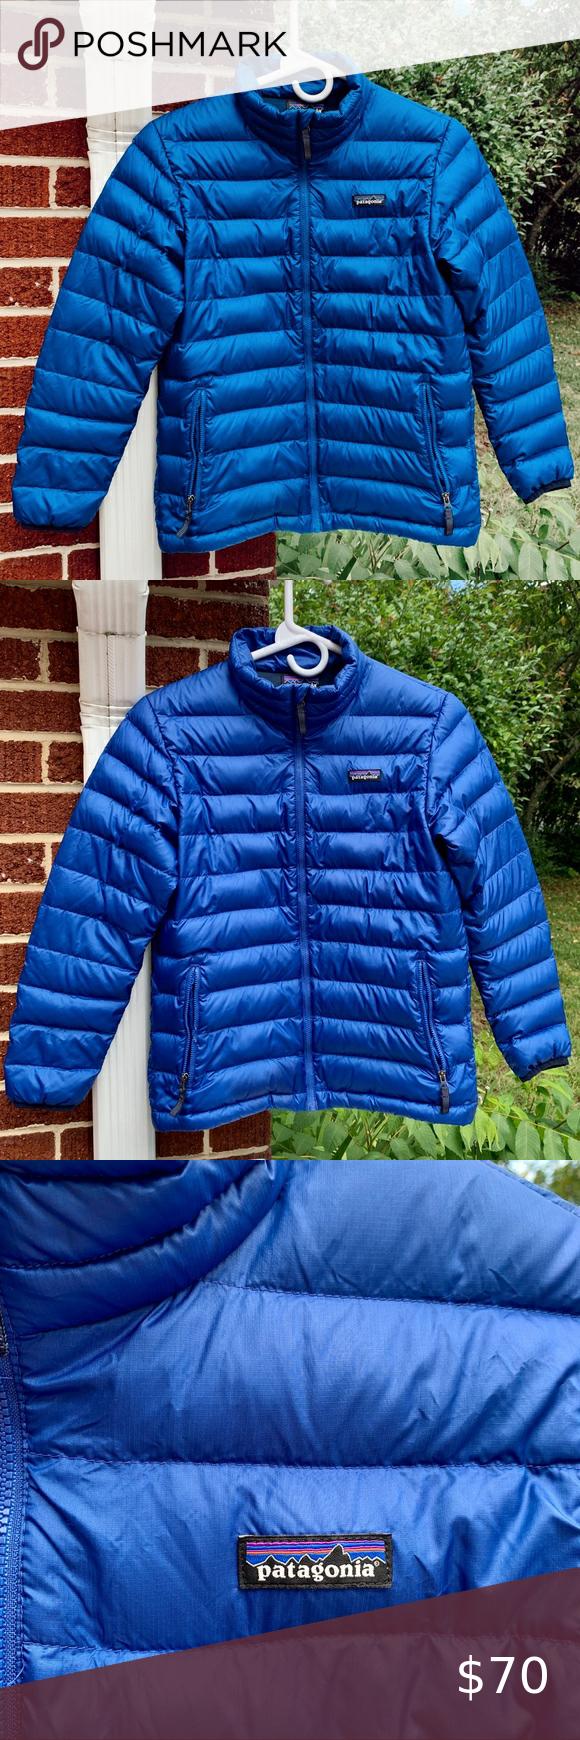 Patagonia Blue Puffer Jacket Kids Blue Puffer Jacket Kids Jacket Patagonia Blue [ 1740 x 580 Pixel ]